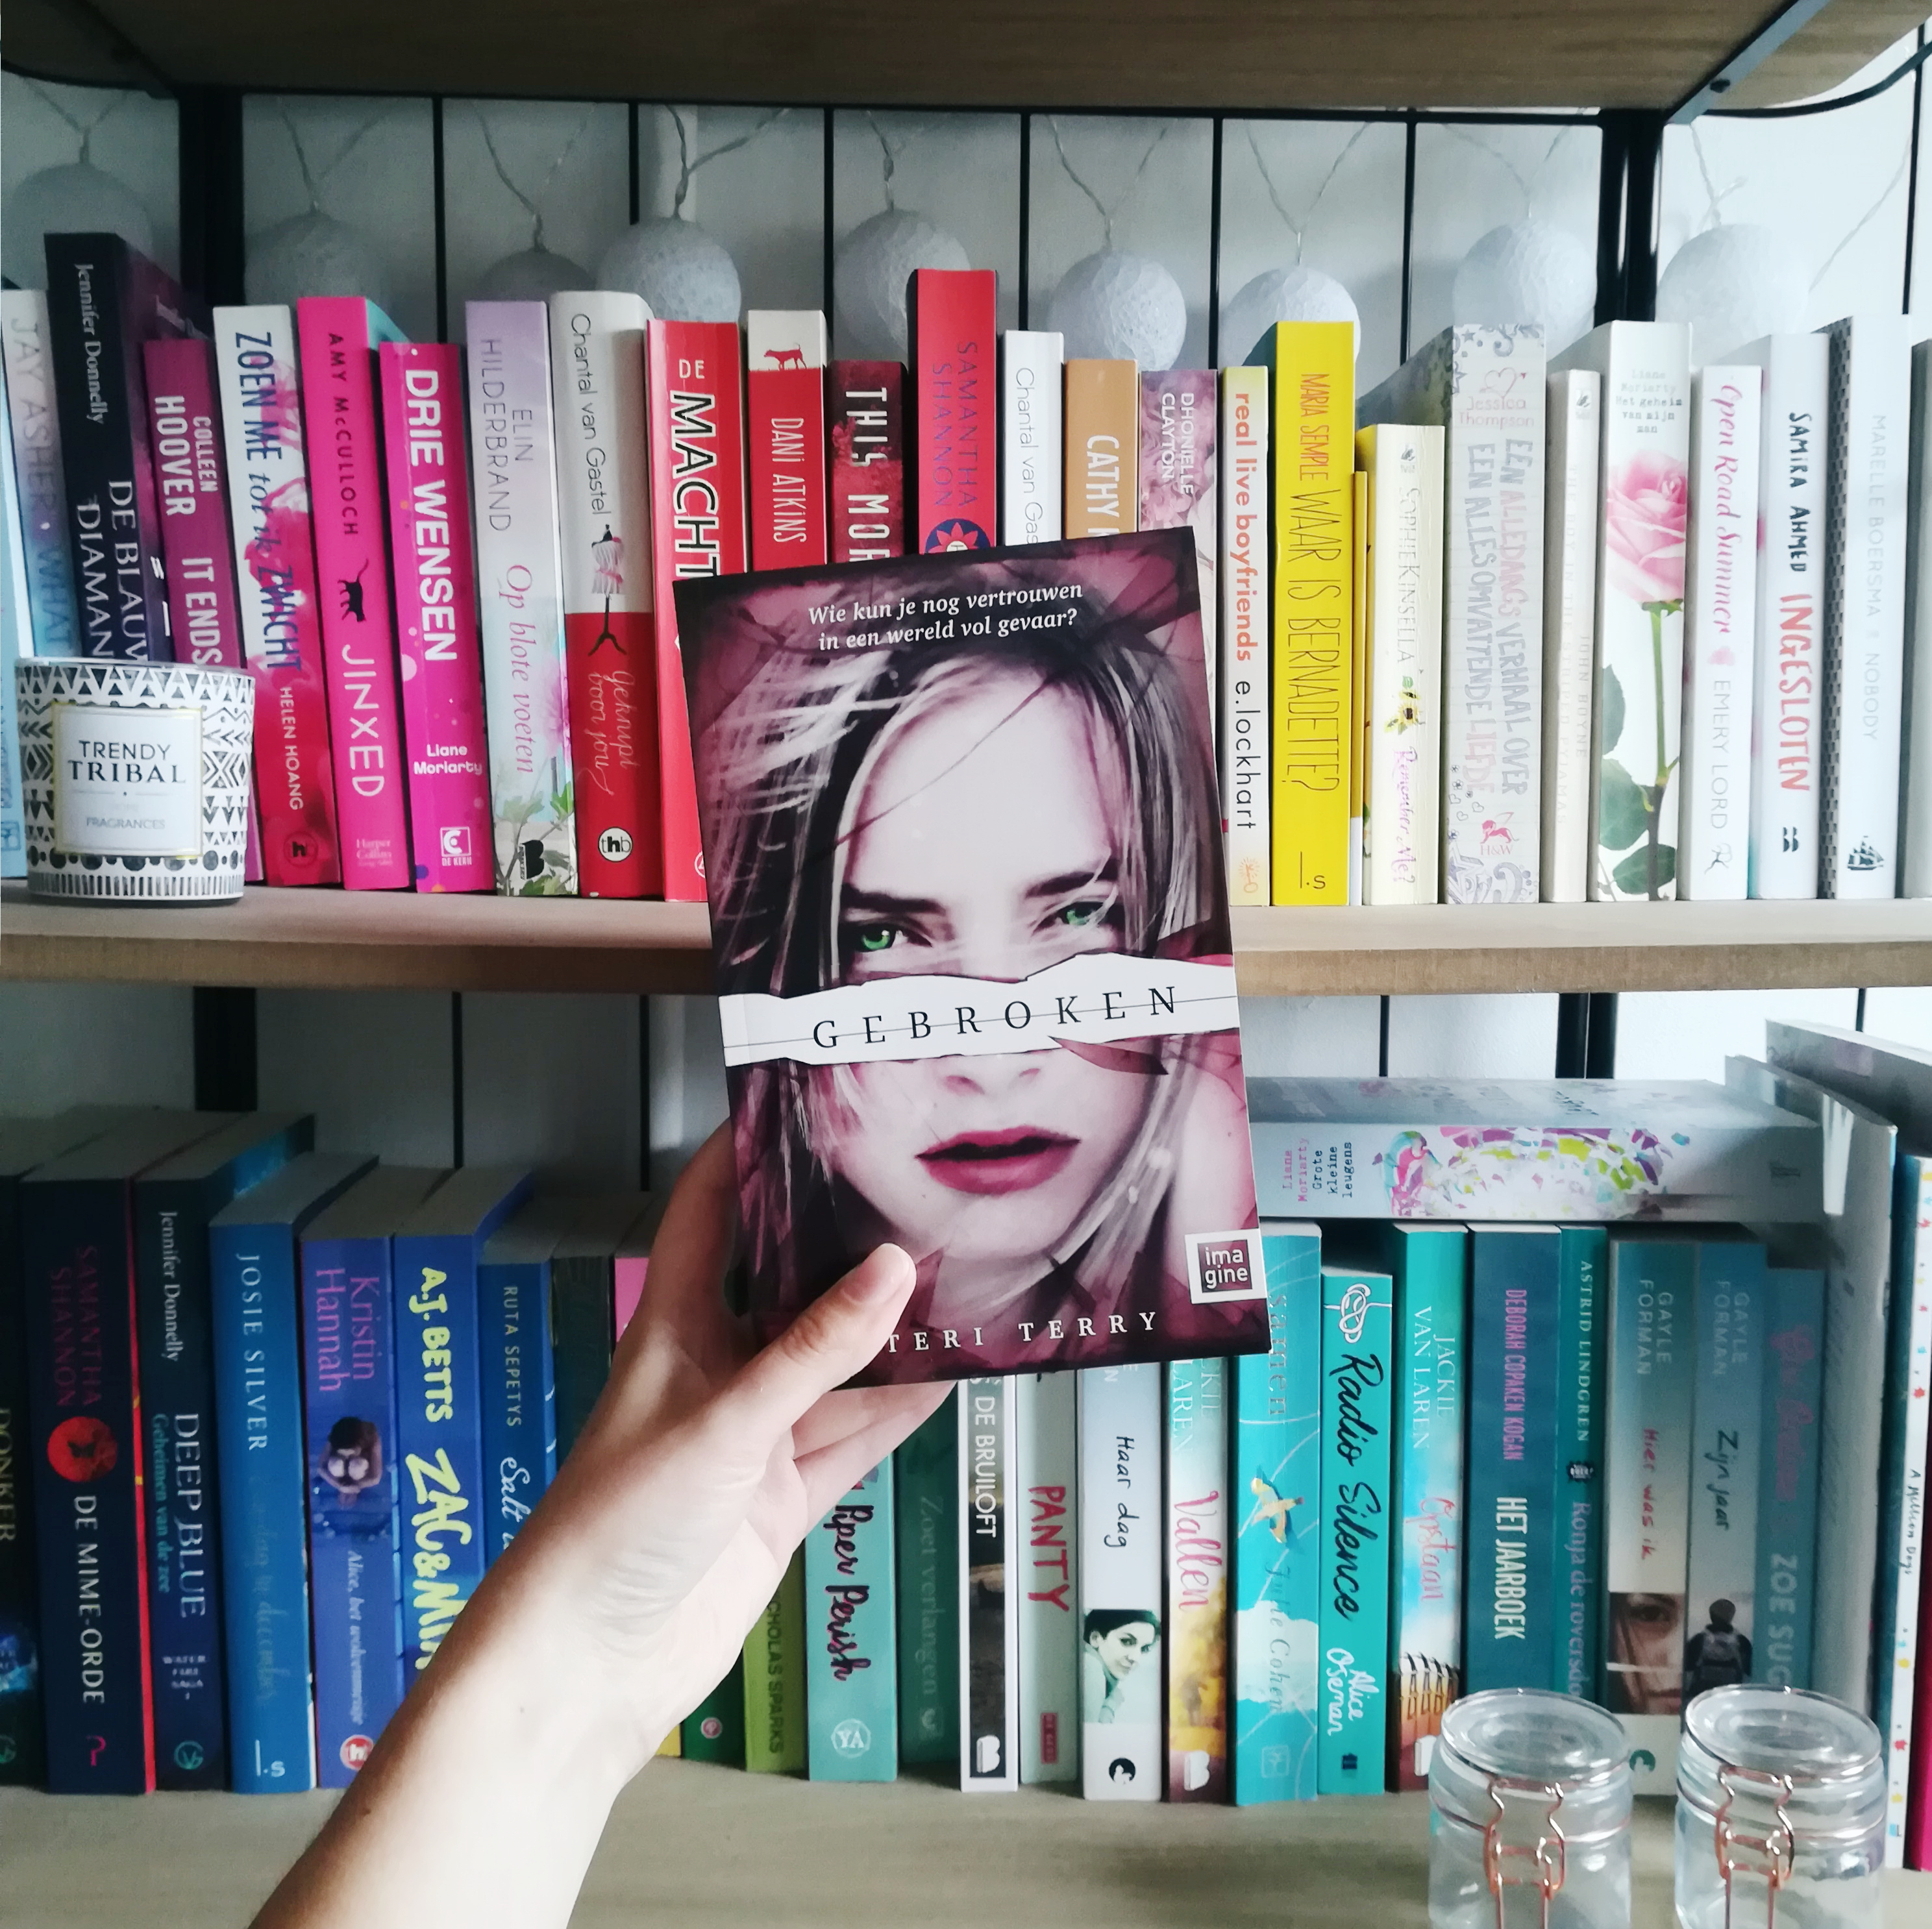 Gebroken - Teri Terry | Marieke's Books